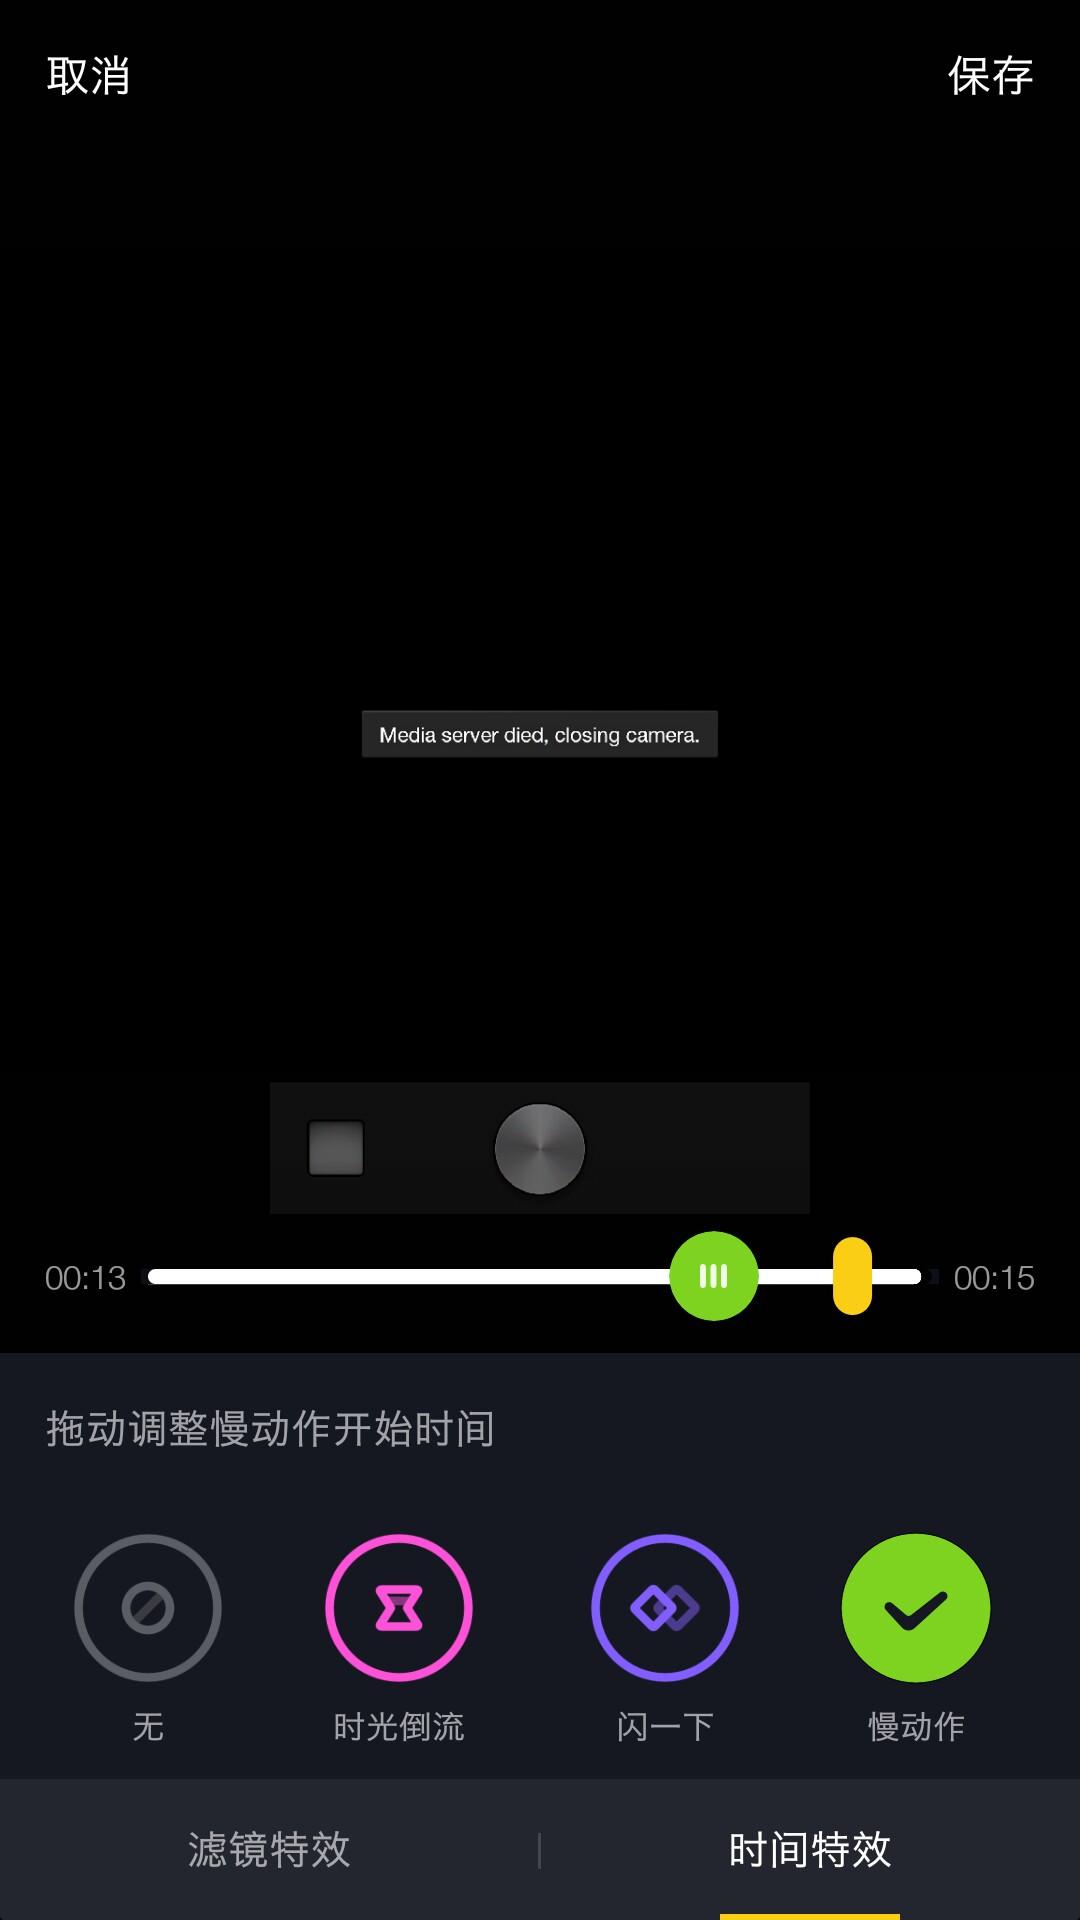 Screenshot_2018-06-10-02-52-01-459_?????_compress.png